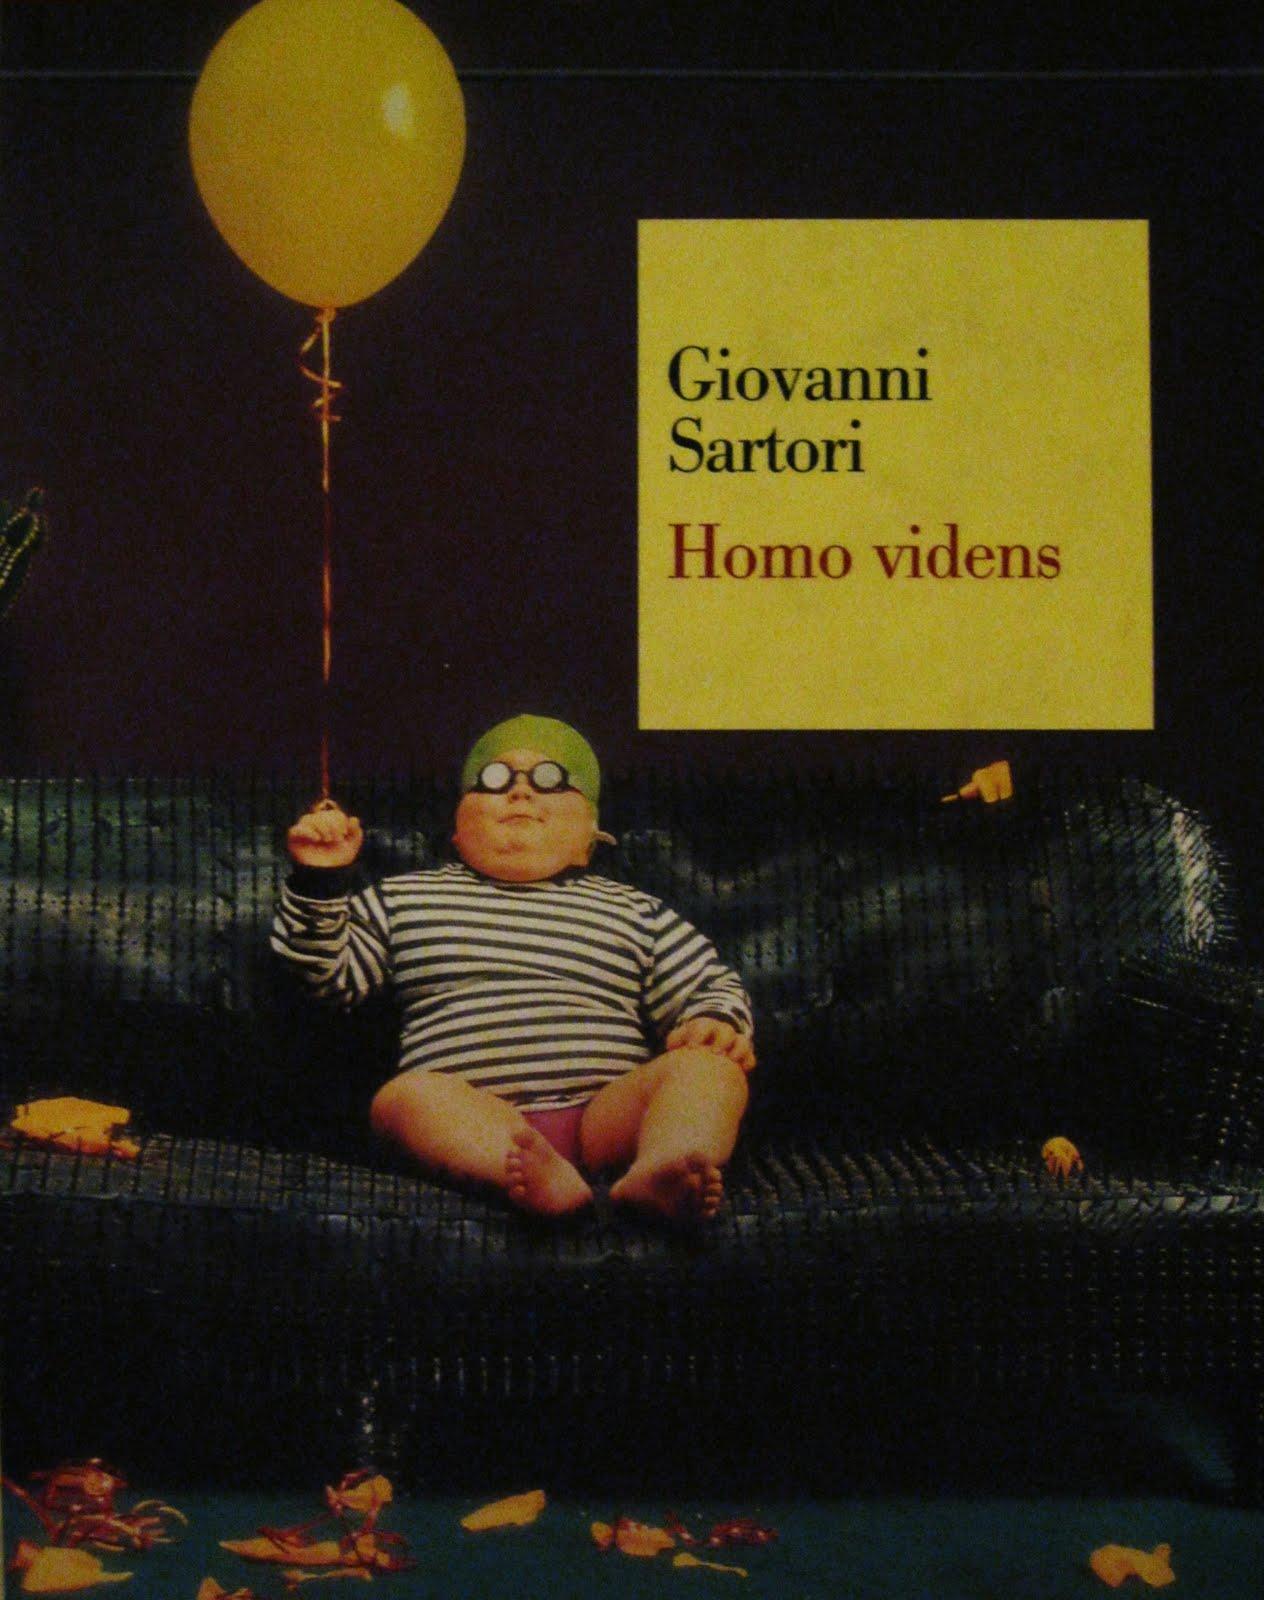 lezioni di tv  :rappresentazione della realtà - Pagina 13 Homo%2Bvidens%2Bbig